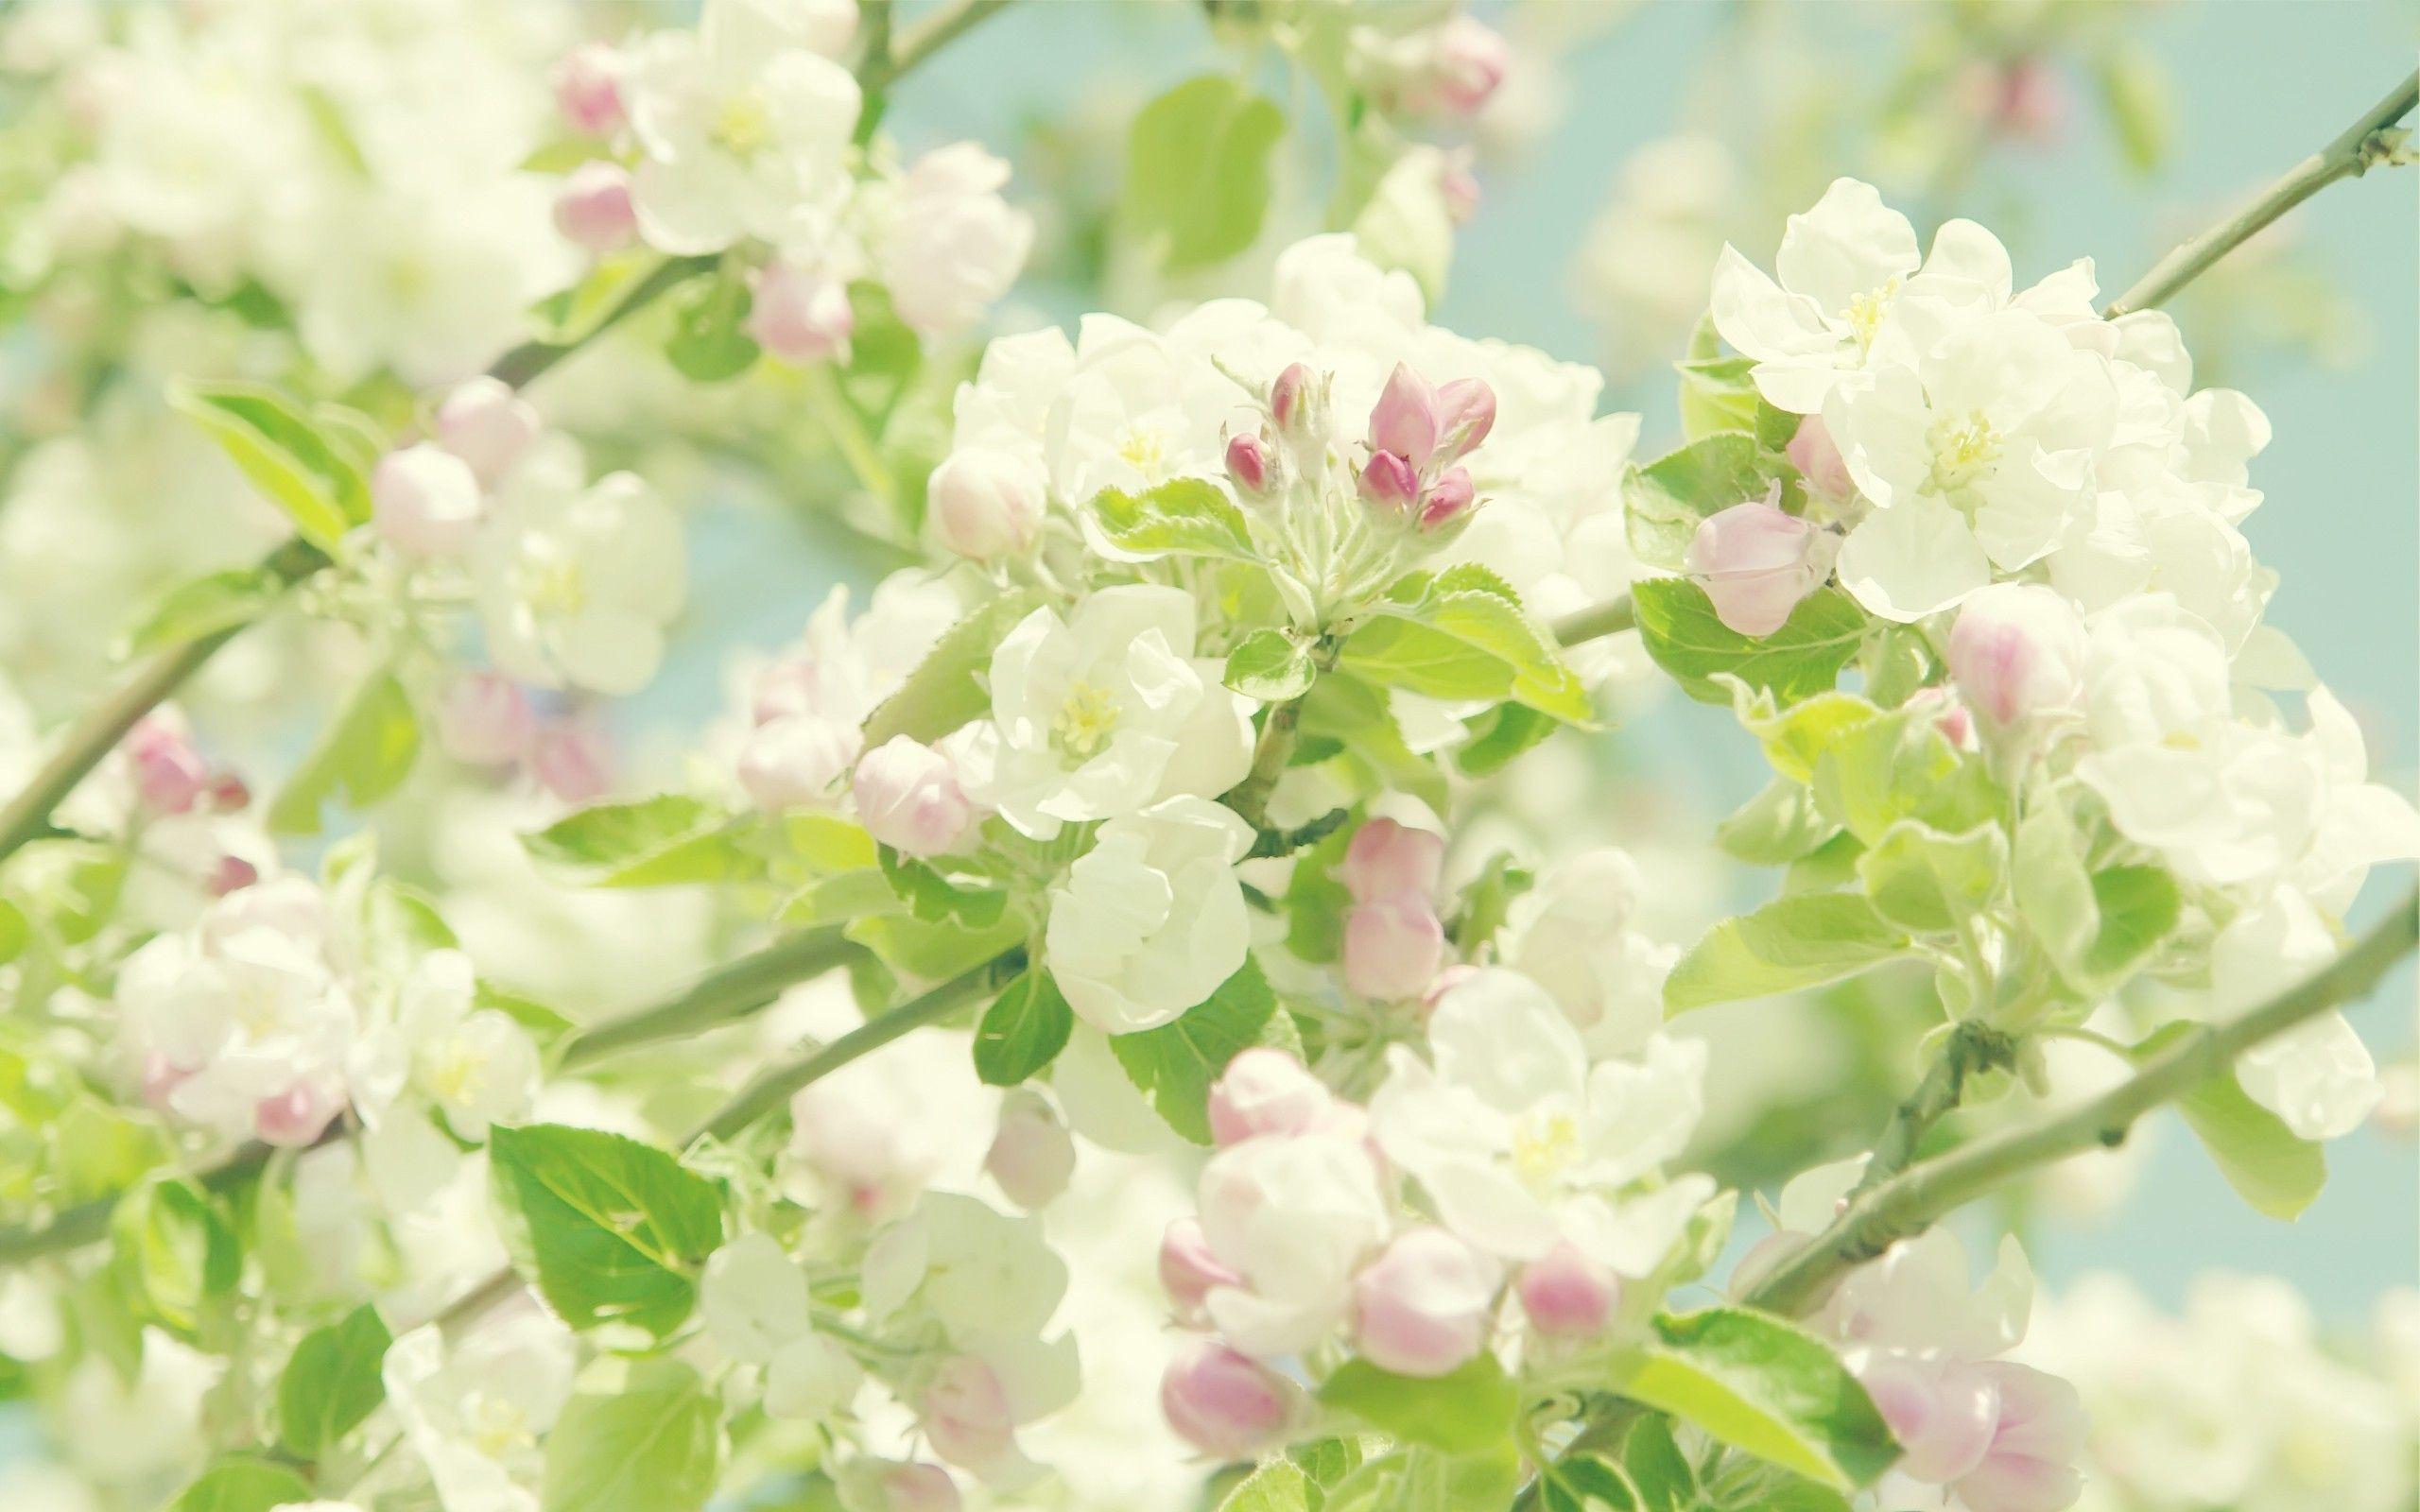 Pastel Floral Wallpaper Desktop Leo Apple Flowers Blooming